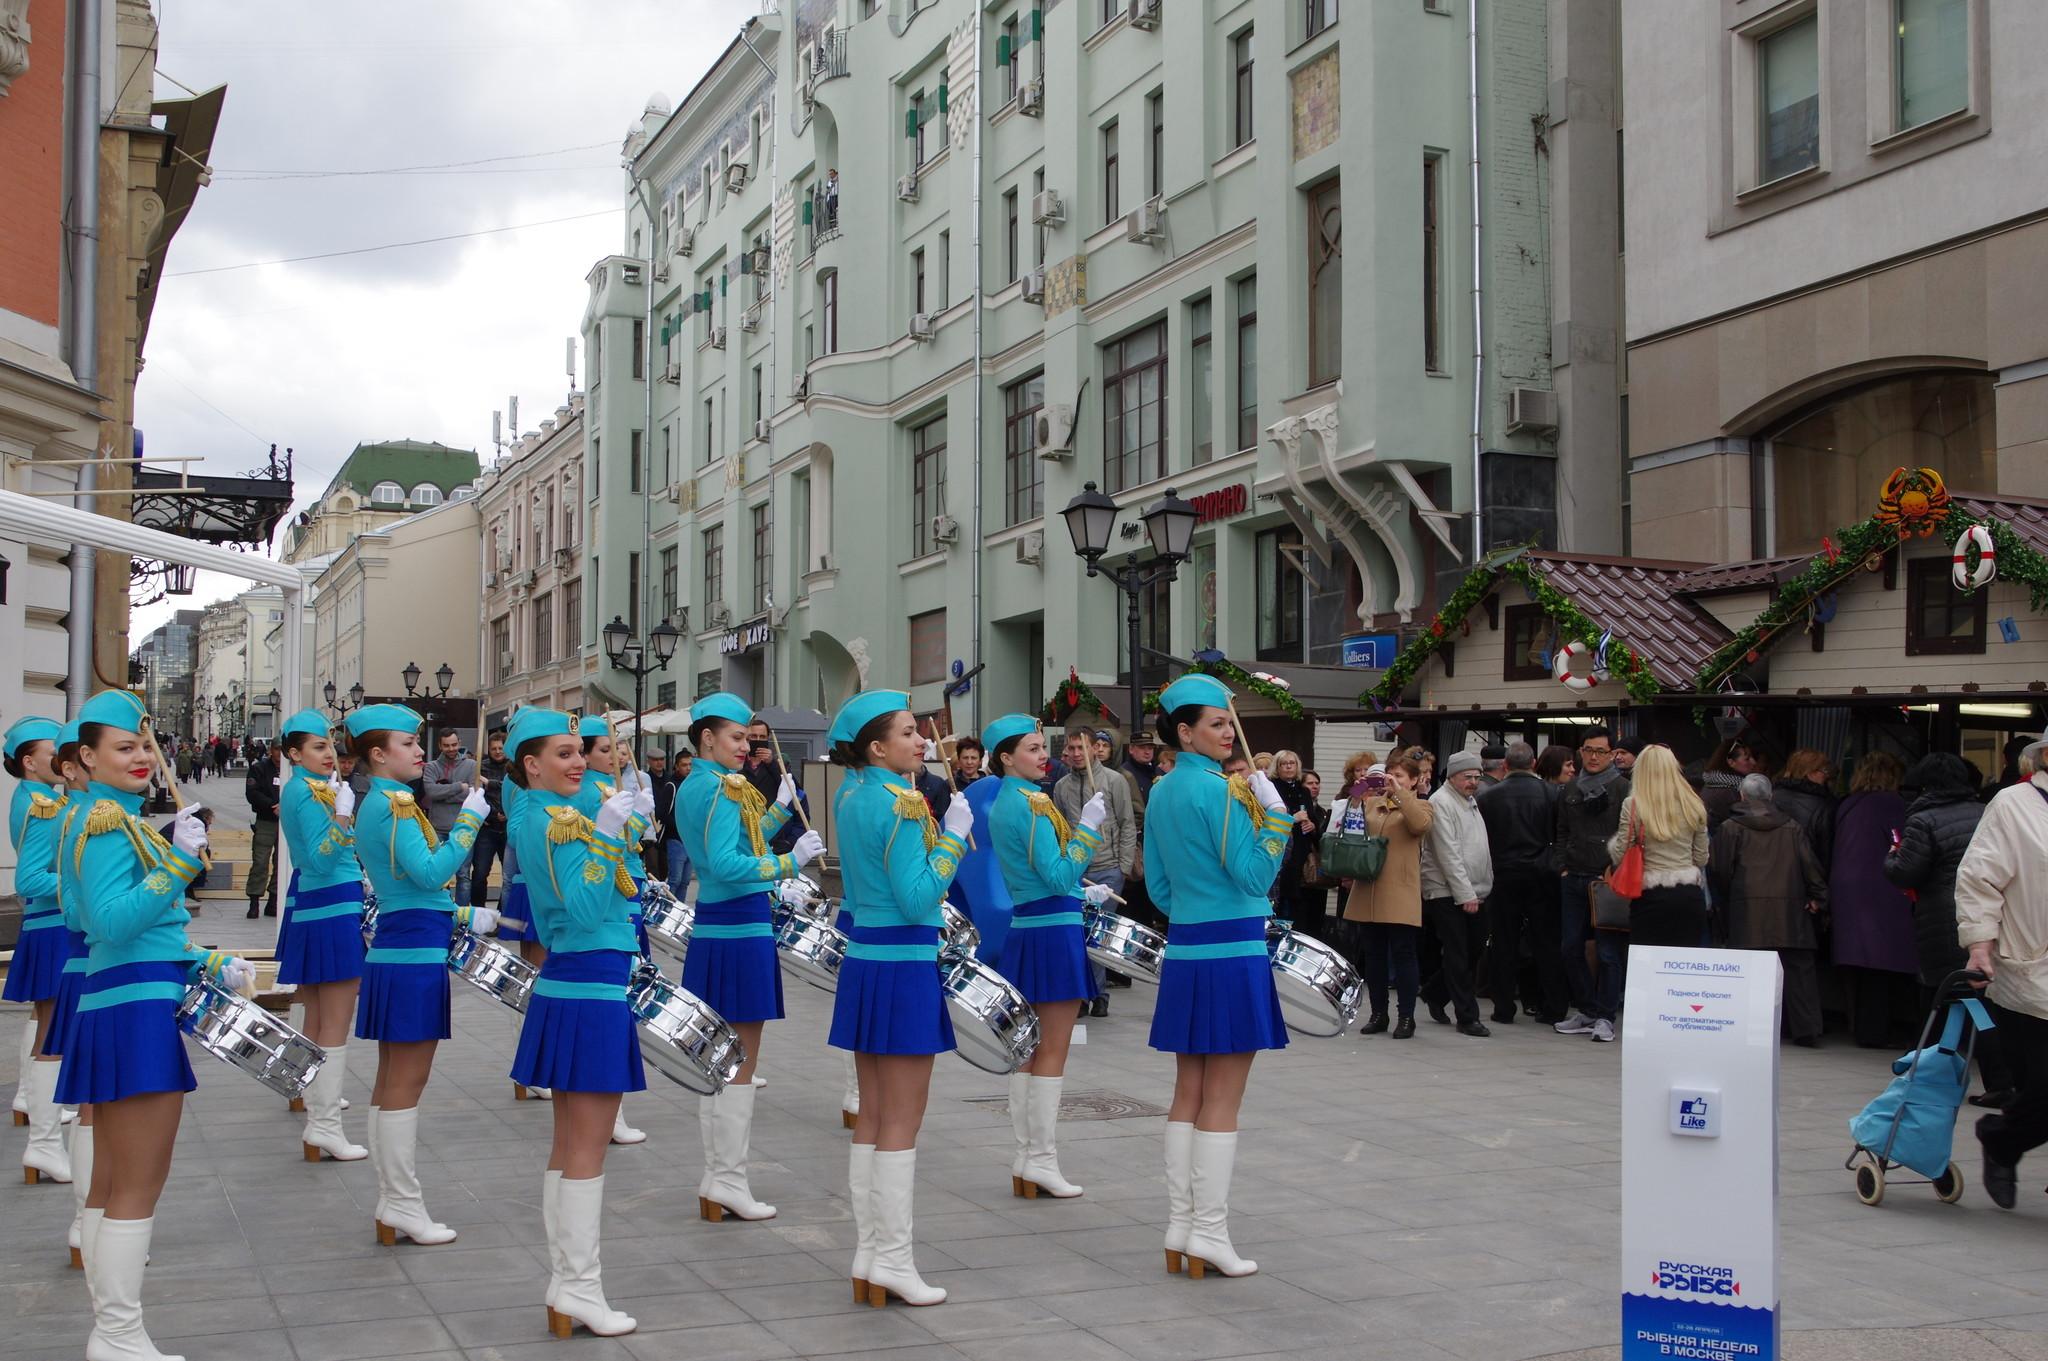 Фестиваль «Рыбная неделя» на Кузнецком мосту